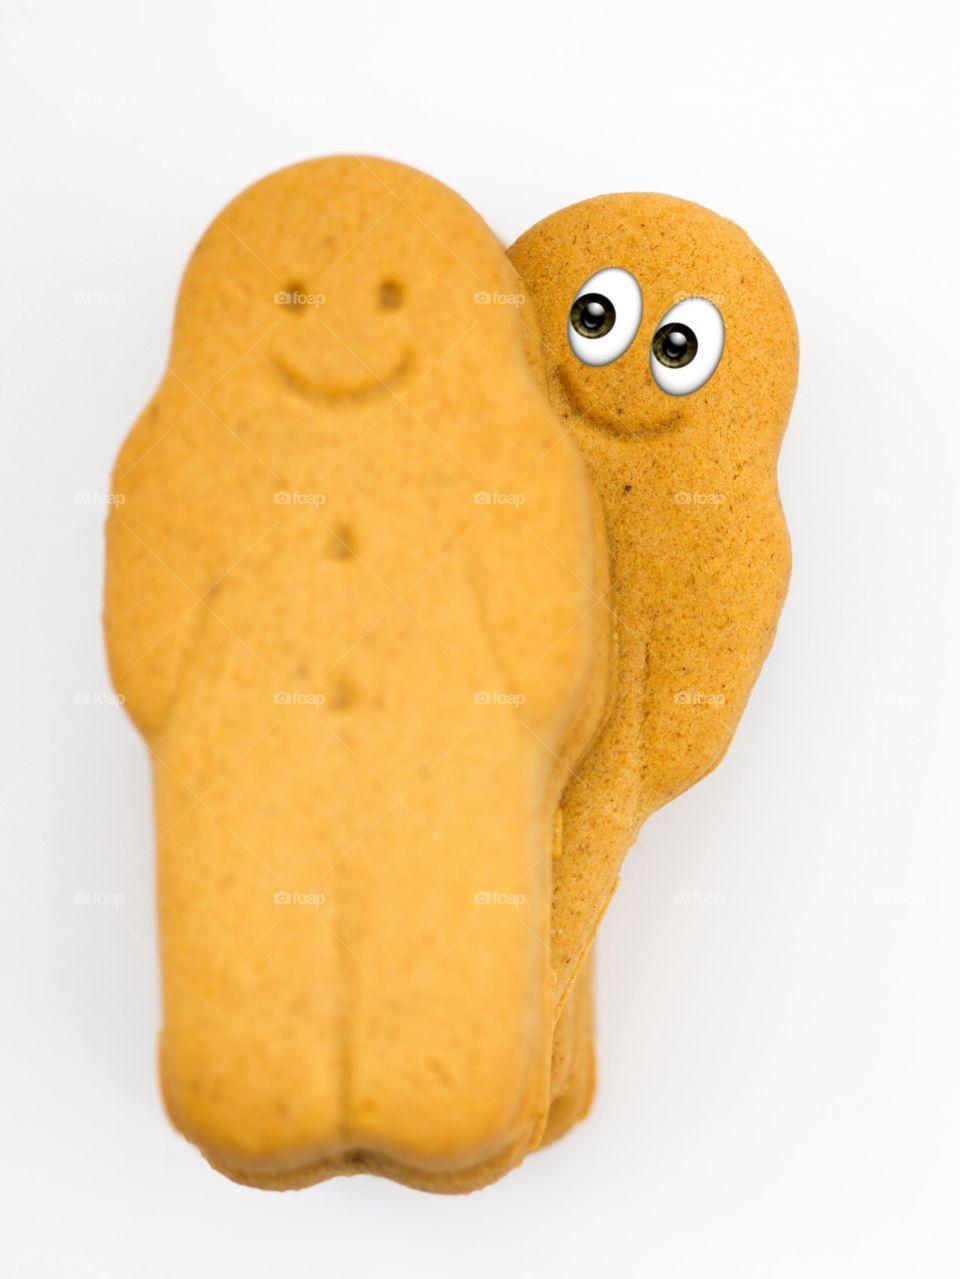 Smiling gingerbread men looking over a shoulder.